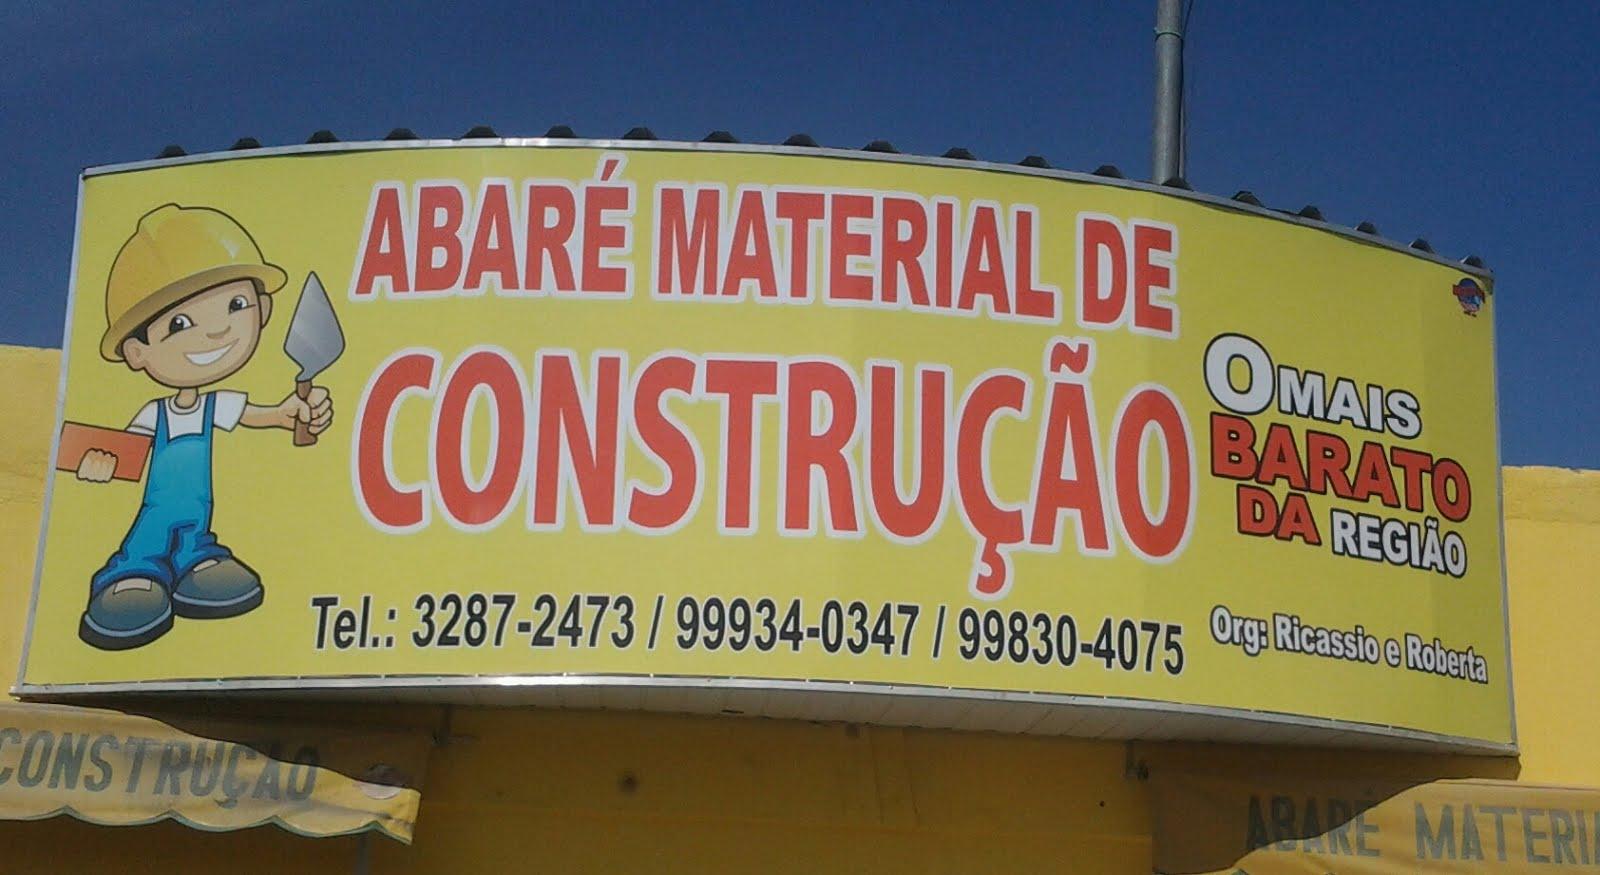 Abaré Material de Construção